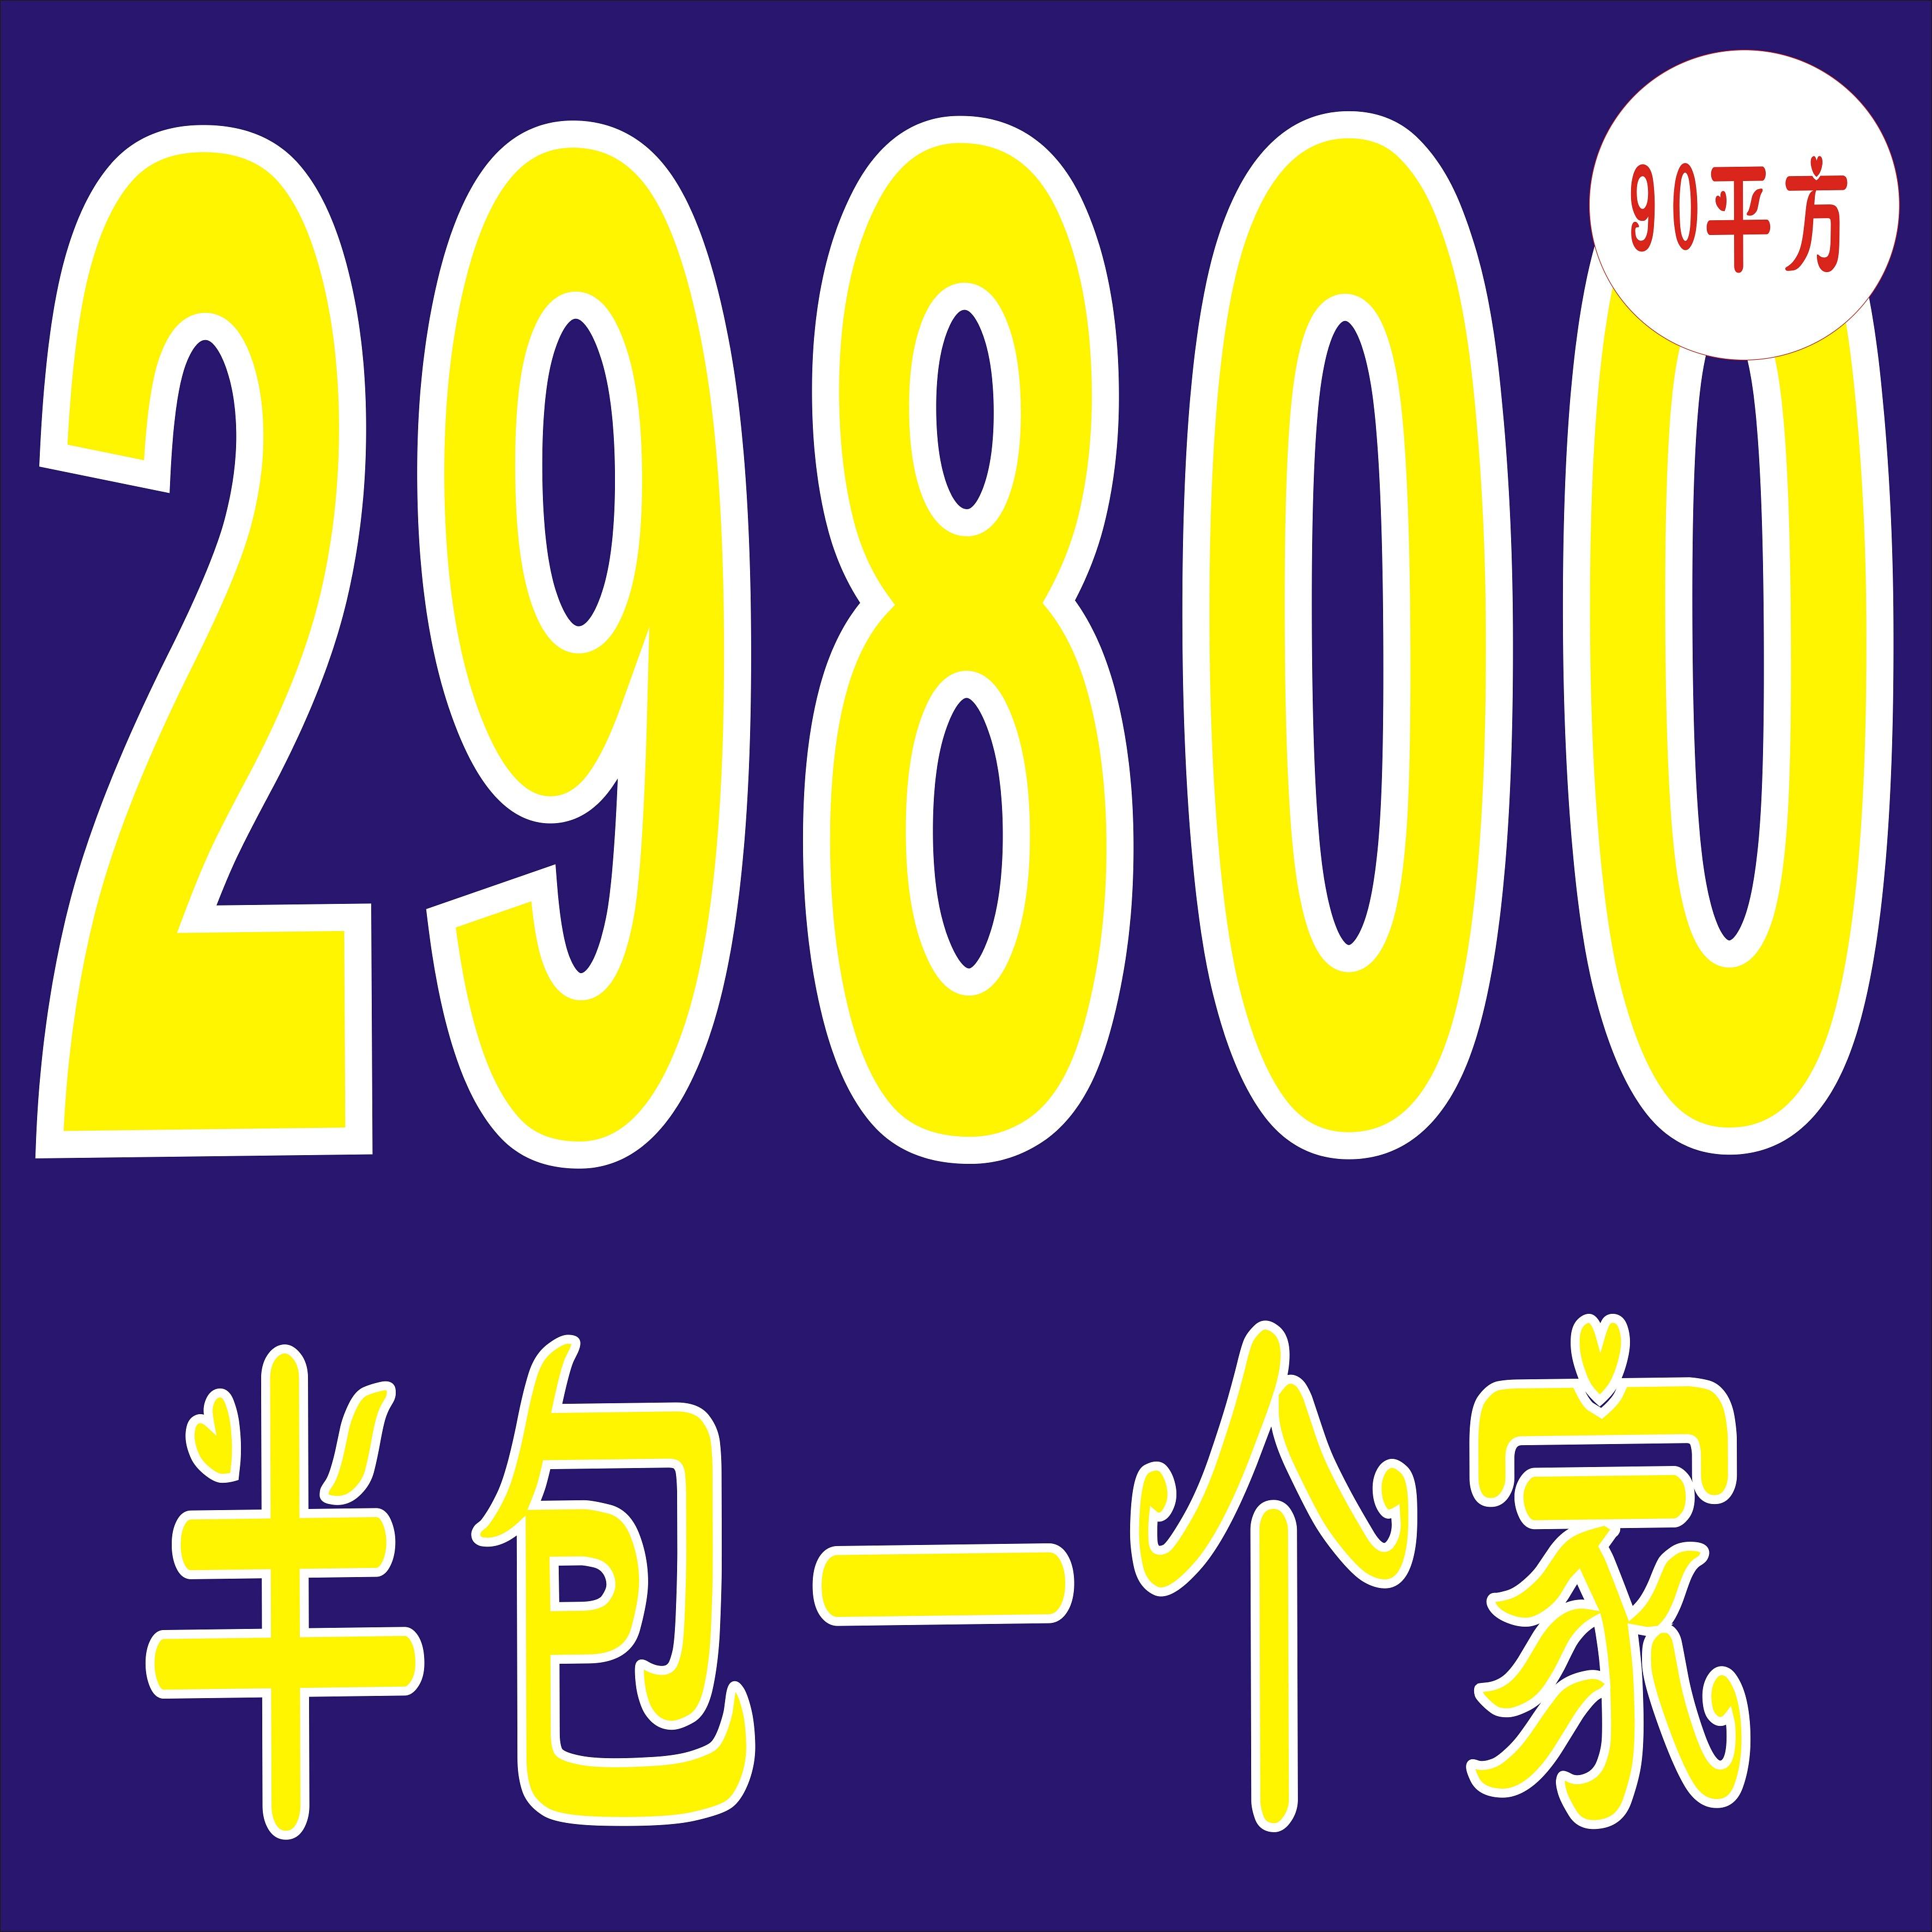 29800半包一个家